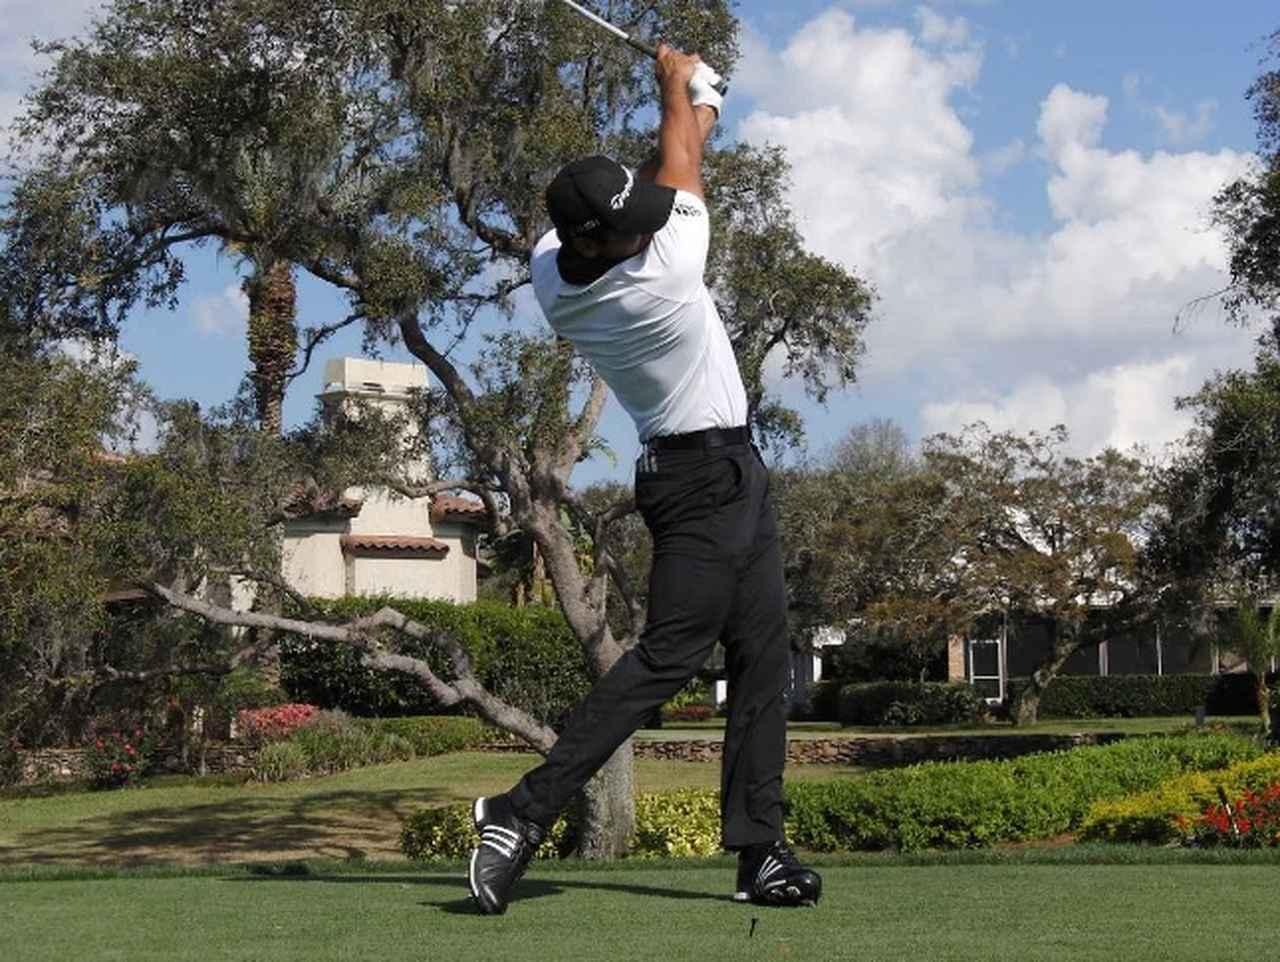 画像: ジェイソン・デイの飛ばしを手に入れろ【同級生が教える魔法のドリル】 - みんなのゴルフダイジェスト